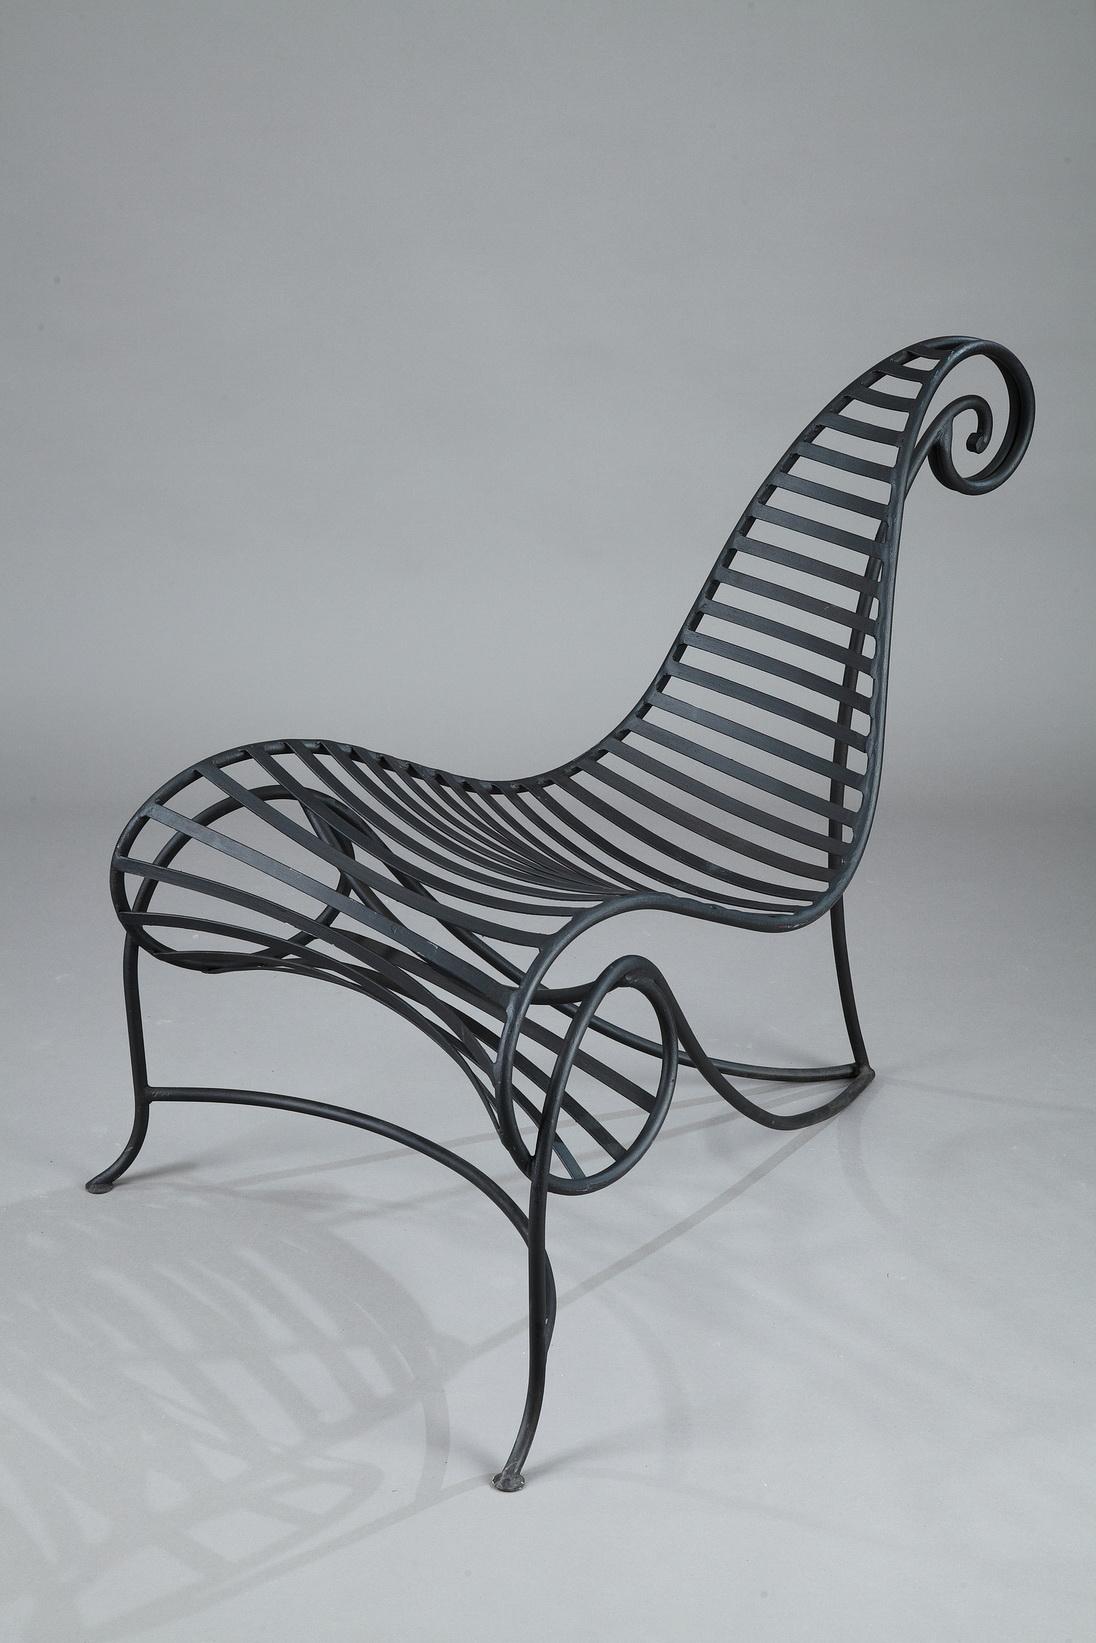 fauteuil spine en fer forgé de andré dubreuil — meubles